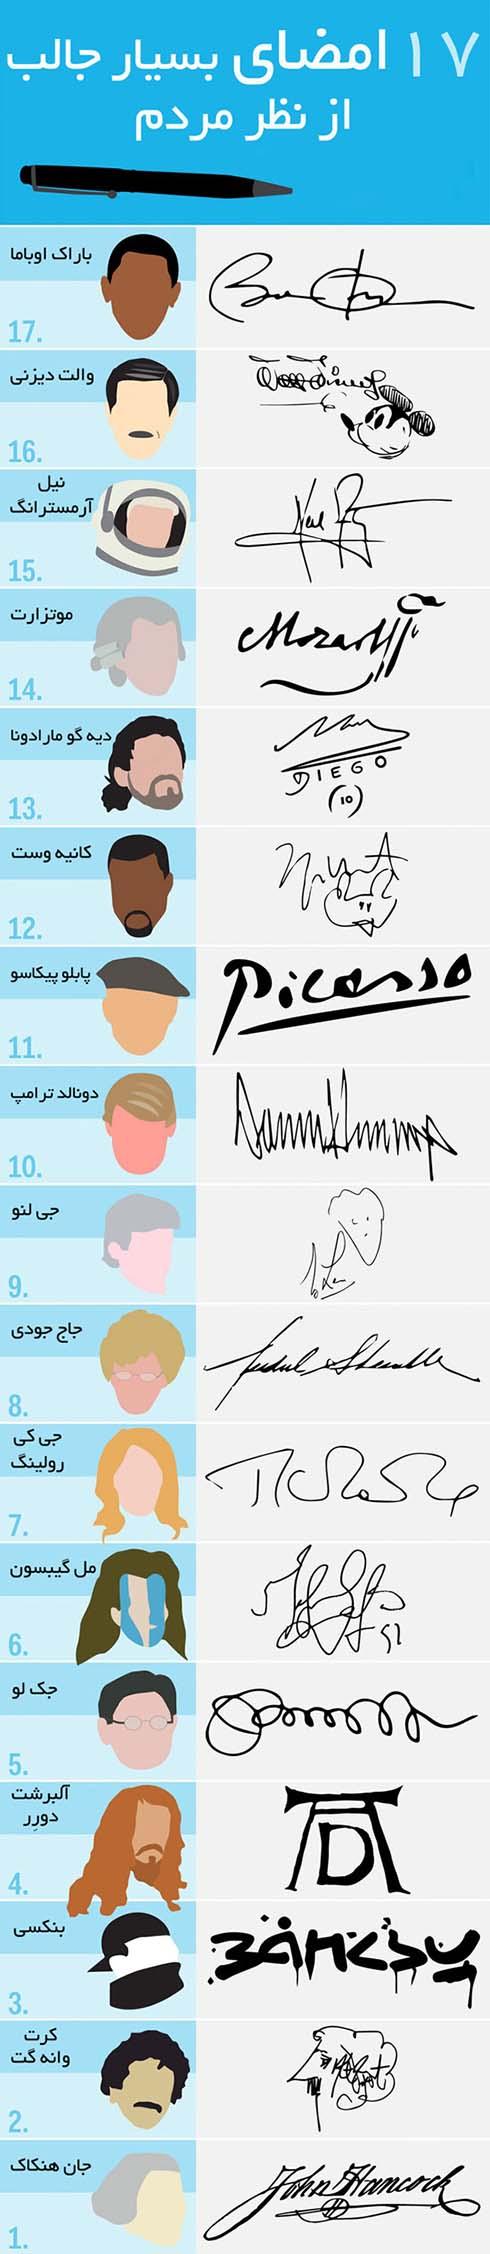 امضای افراد معروف دنیا چه شکلی است؟! + تصاویر